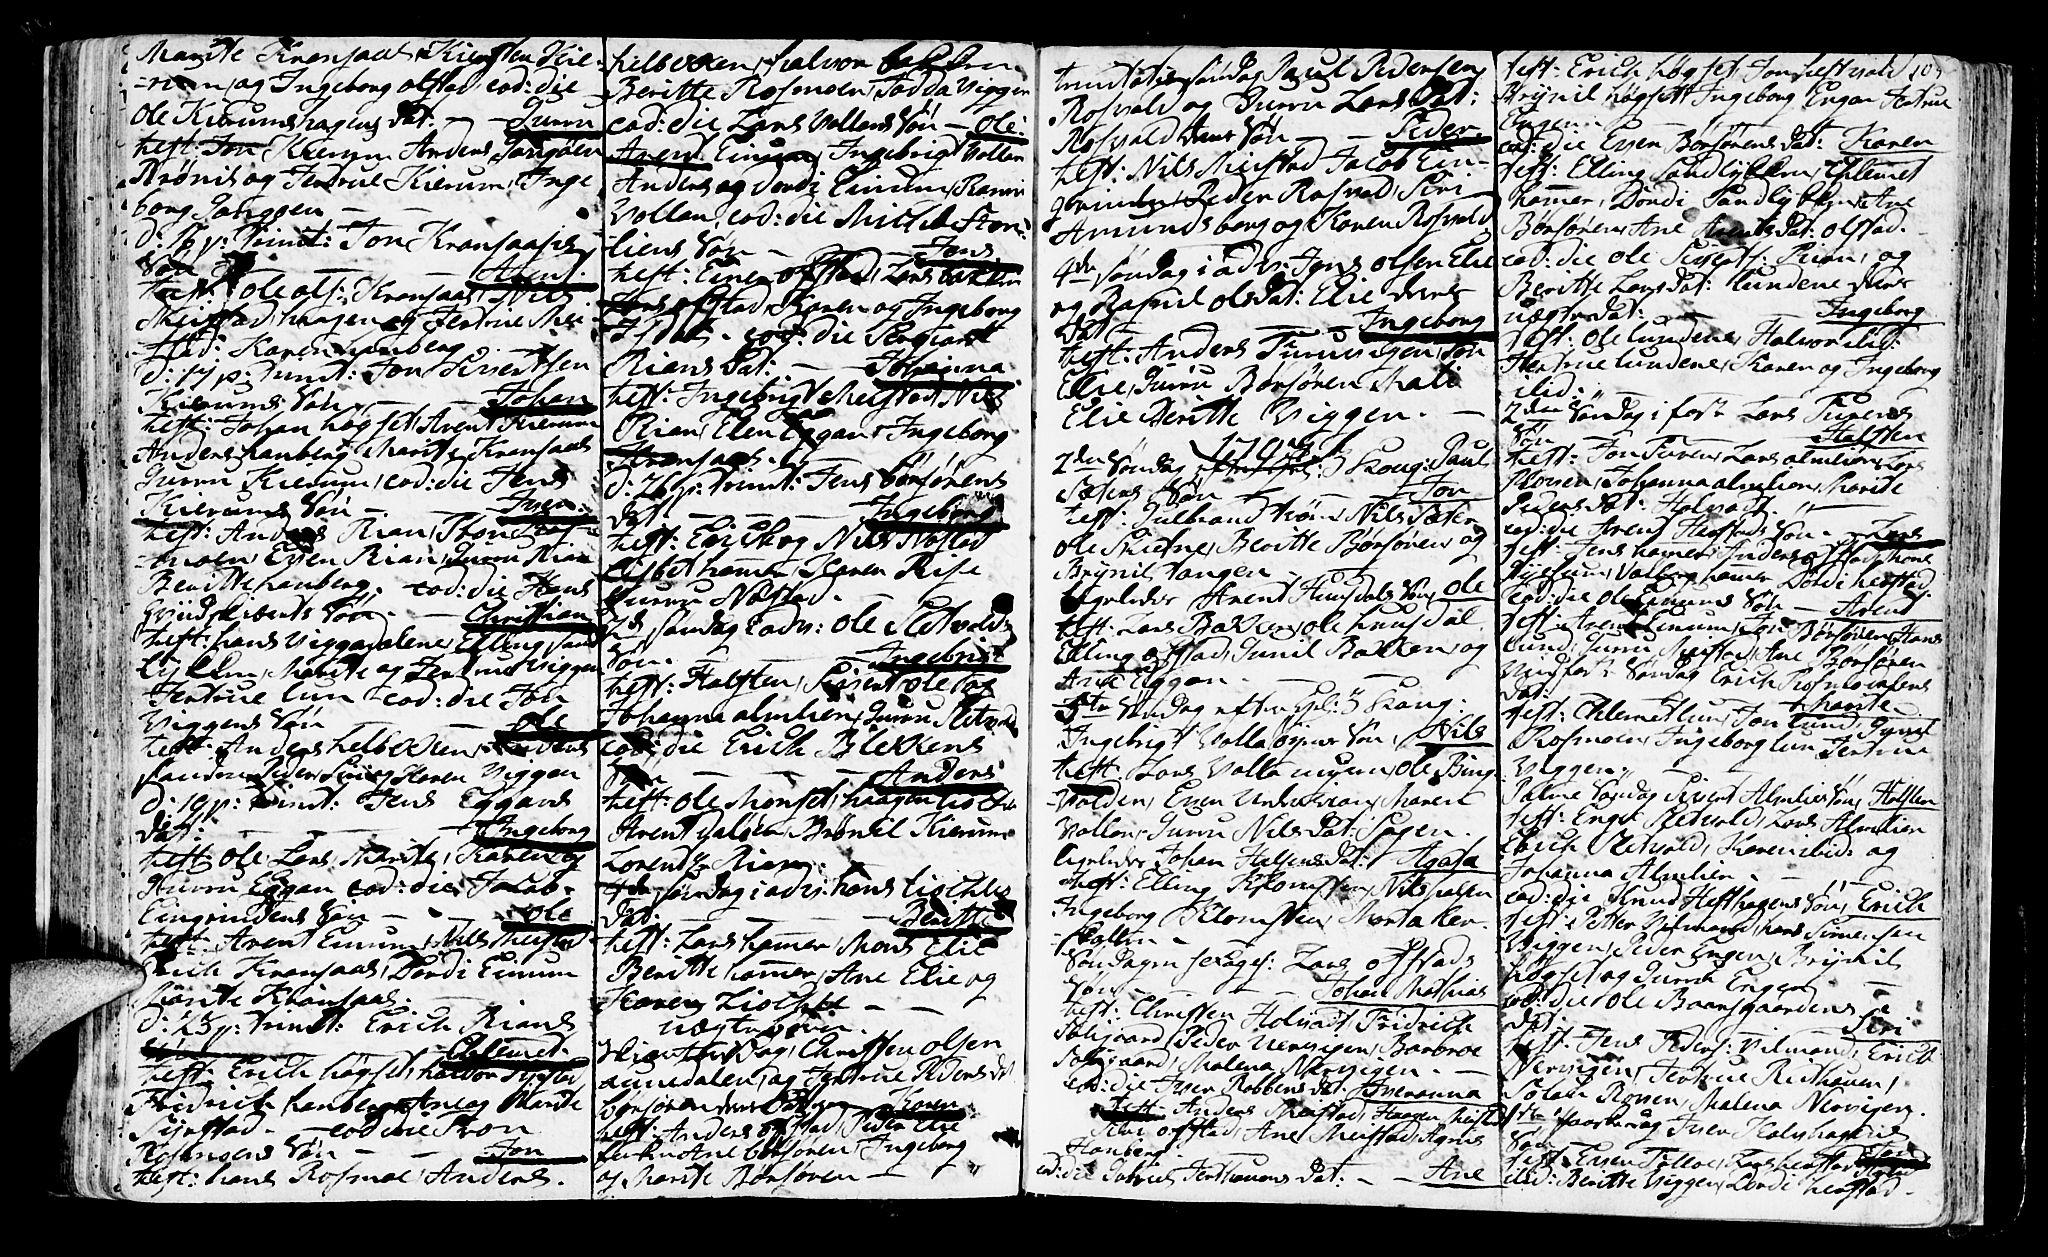 SAT, Ministerialprotokoller, klokkerbøker og fødselsregistre - Sør-Trøndelag, 665/L0768: Ministerialbok nr. 665A03, 1754-1803, s. 105